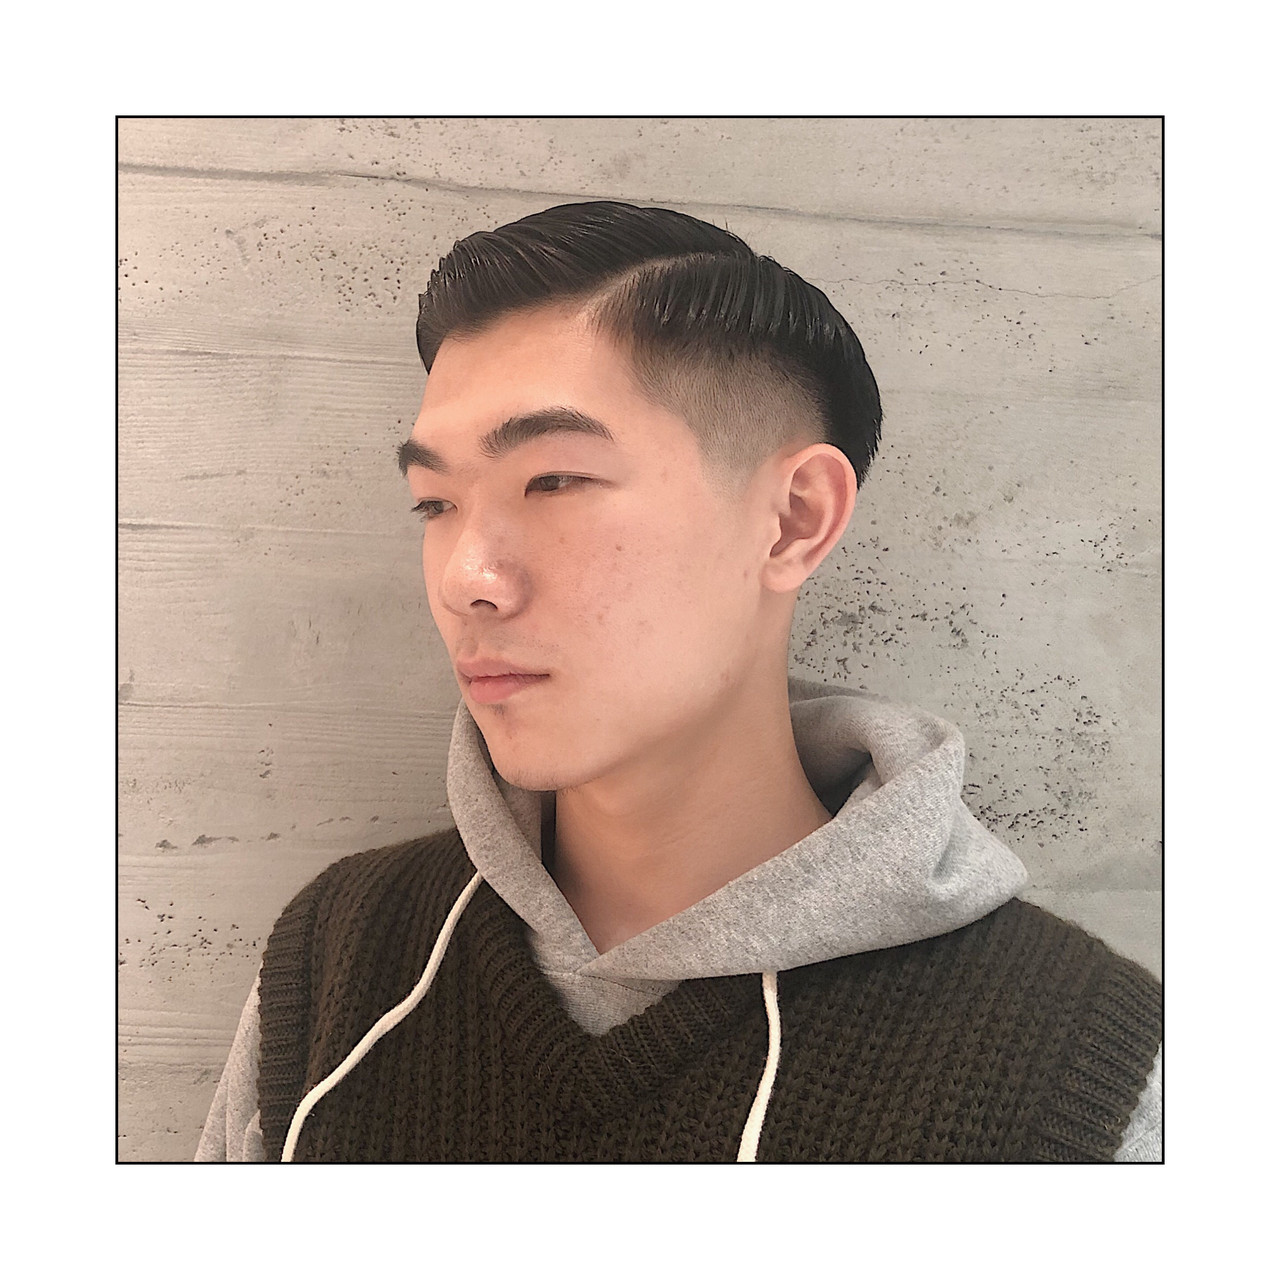 メンズスタイル メンズショート ストリート メンズヘアスタイルや髪型の写真・画像